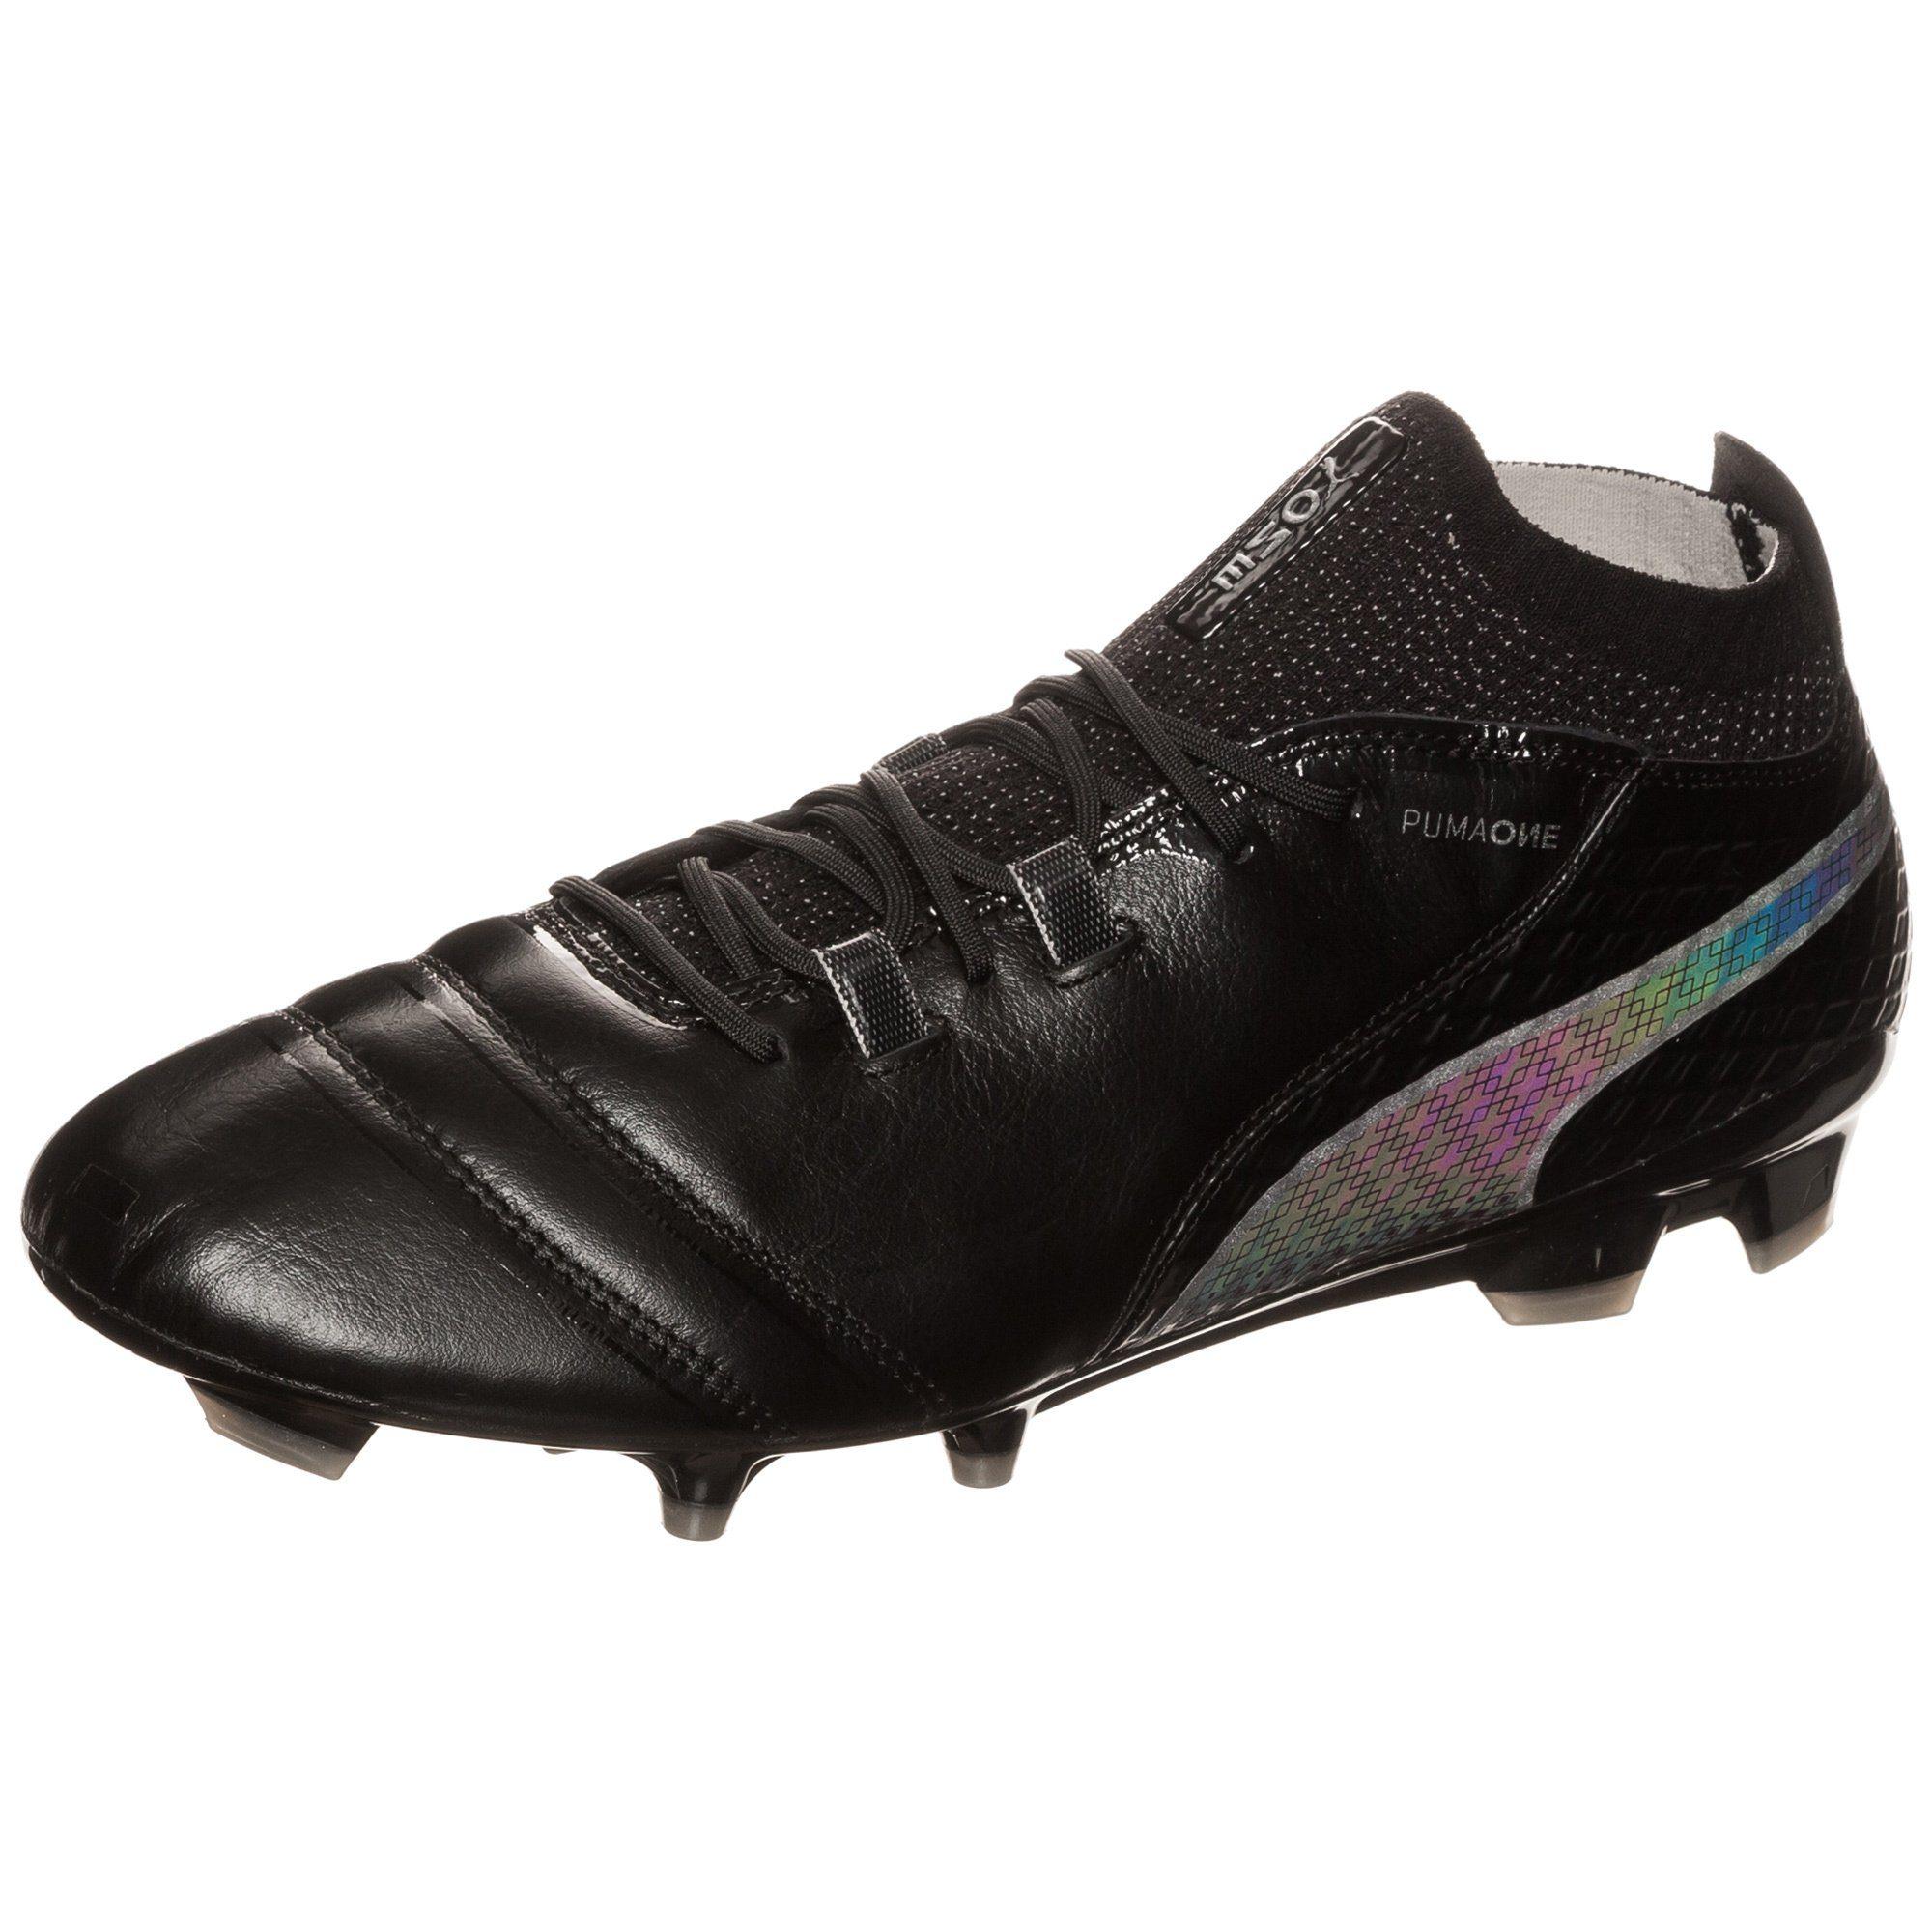 PUMA Fußballschuh Puma One | Schuhe > Sportschuhe | Puma